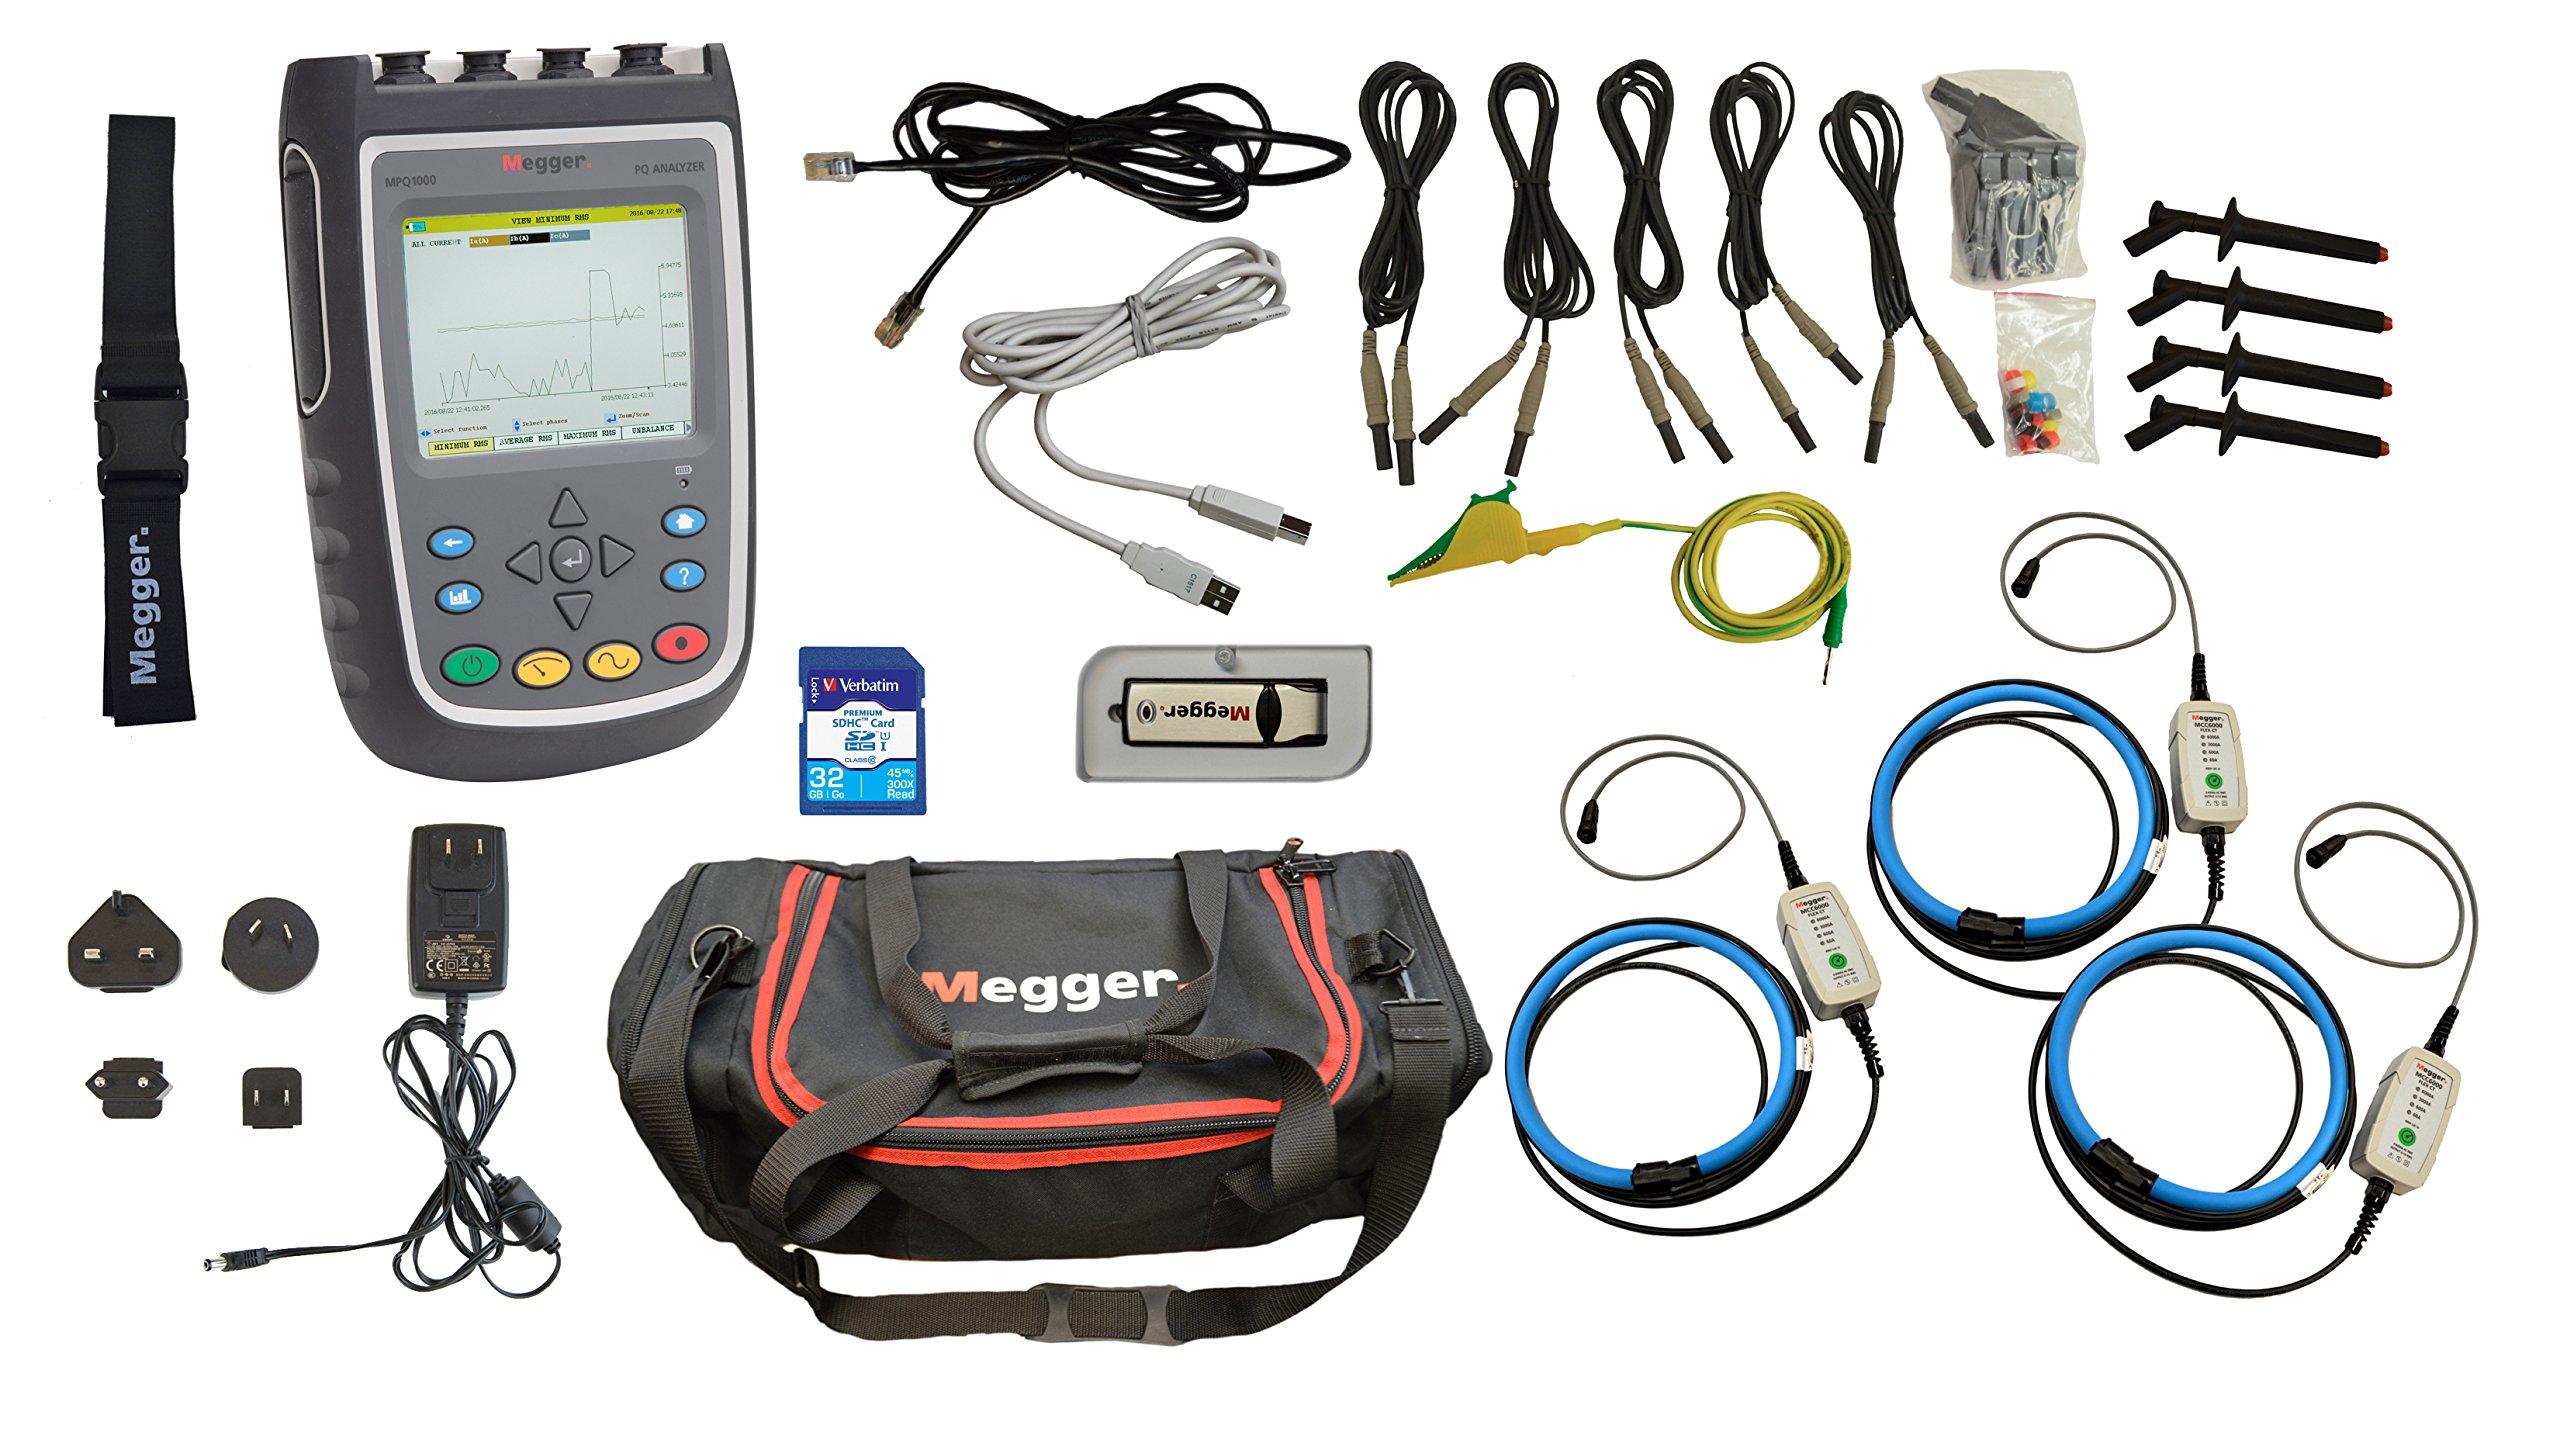 Megger MPQ1000-S-KIT Power Quality Analyzer, 6.89'' Width, 9.85'' Length